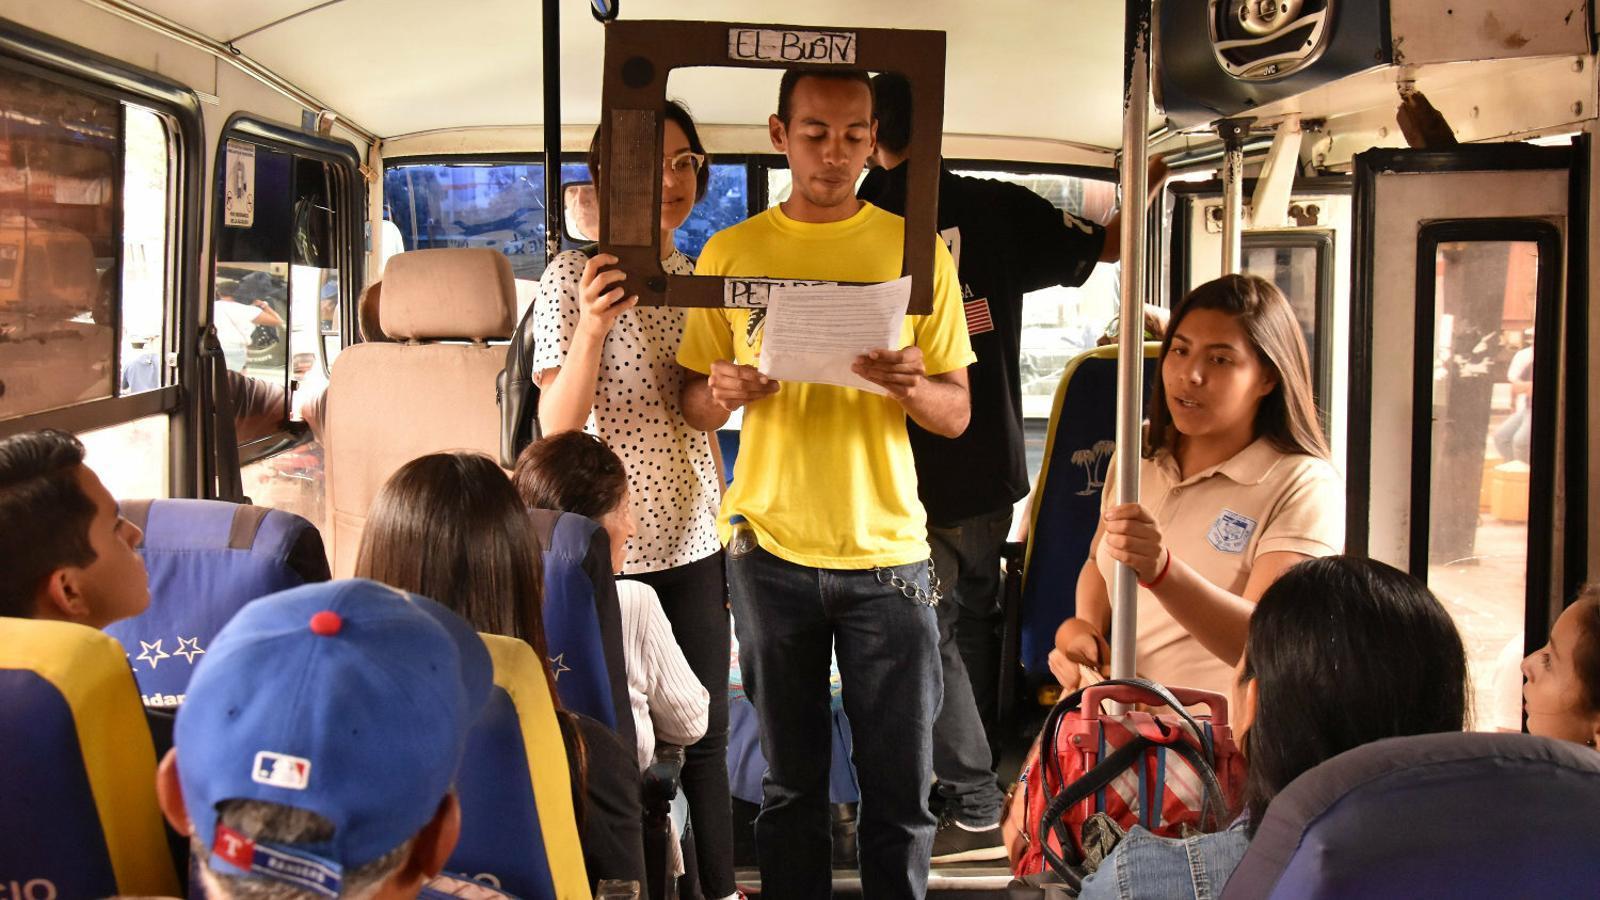 L'Abraham llegint  les notícies  en un autobús mentre  la María Auxiliadora aguanta el marc de cartró.